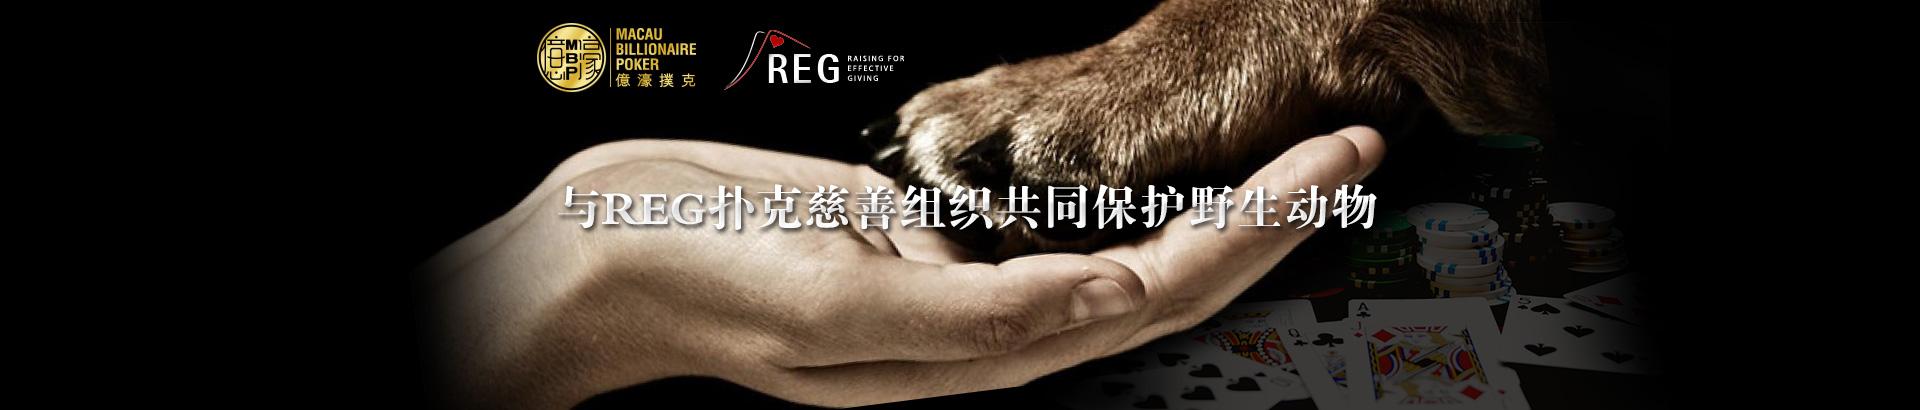 与REG扑克慈善组织共同保护野生动物